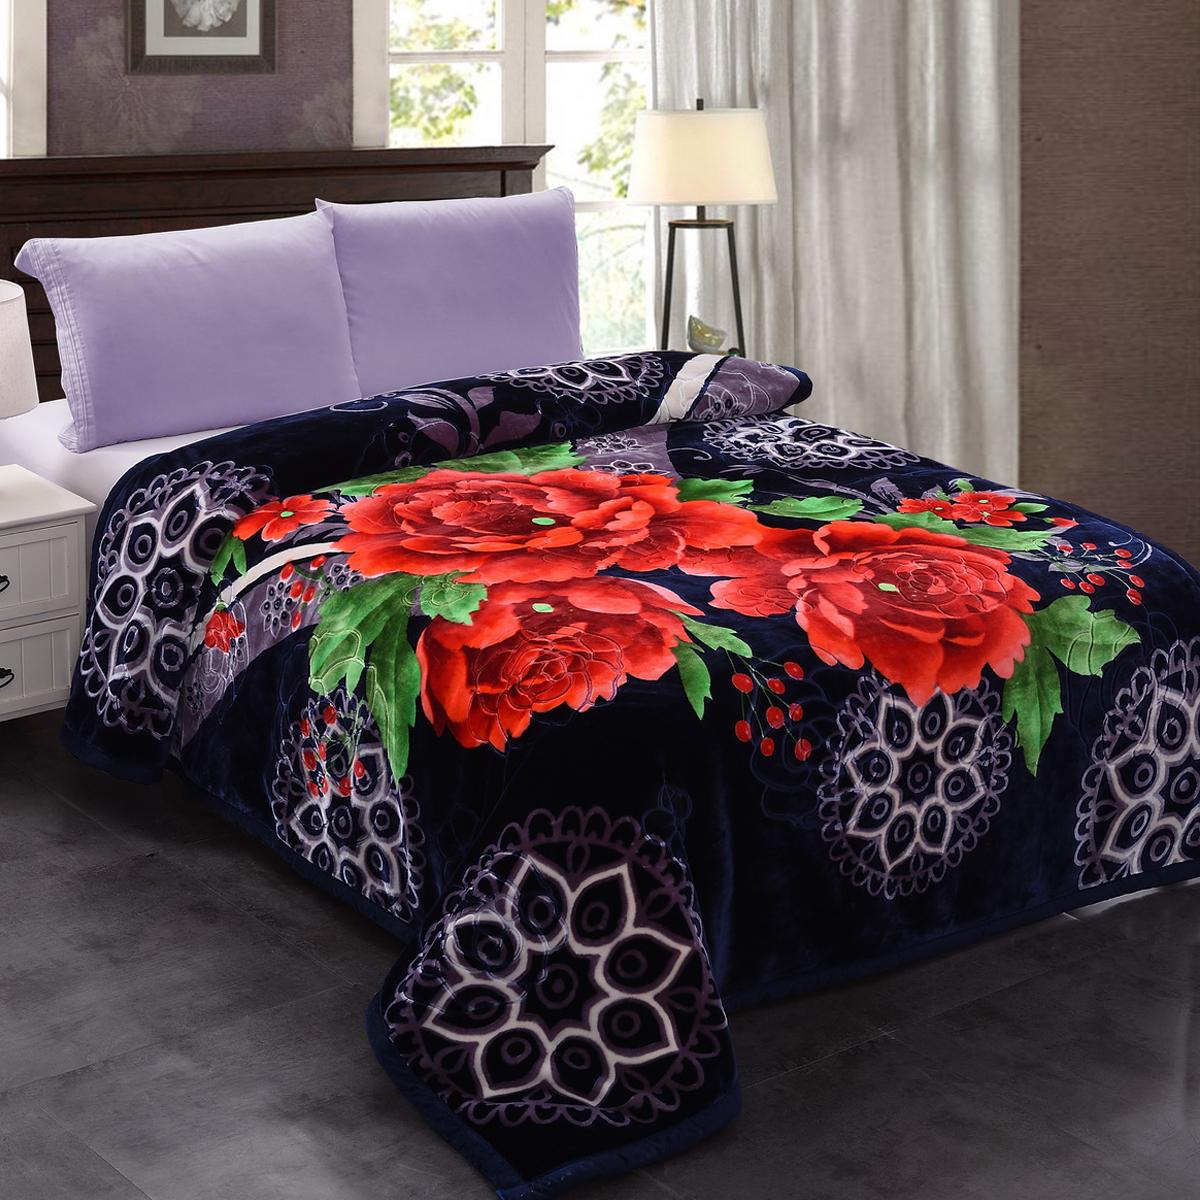 Heavy Thick Plush Velvet Korean Style Mink Blanket Two